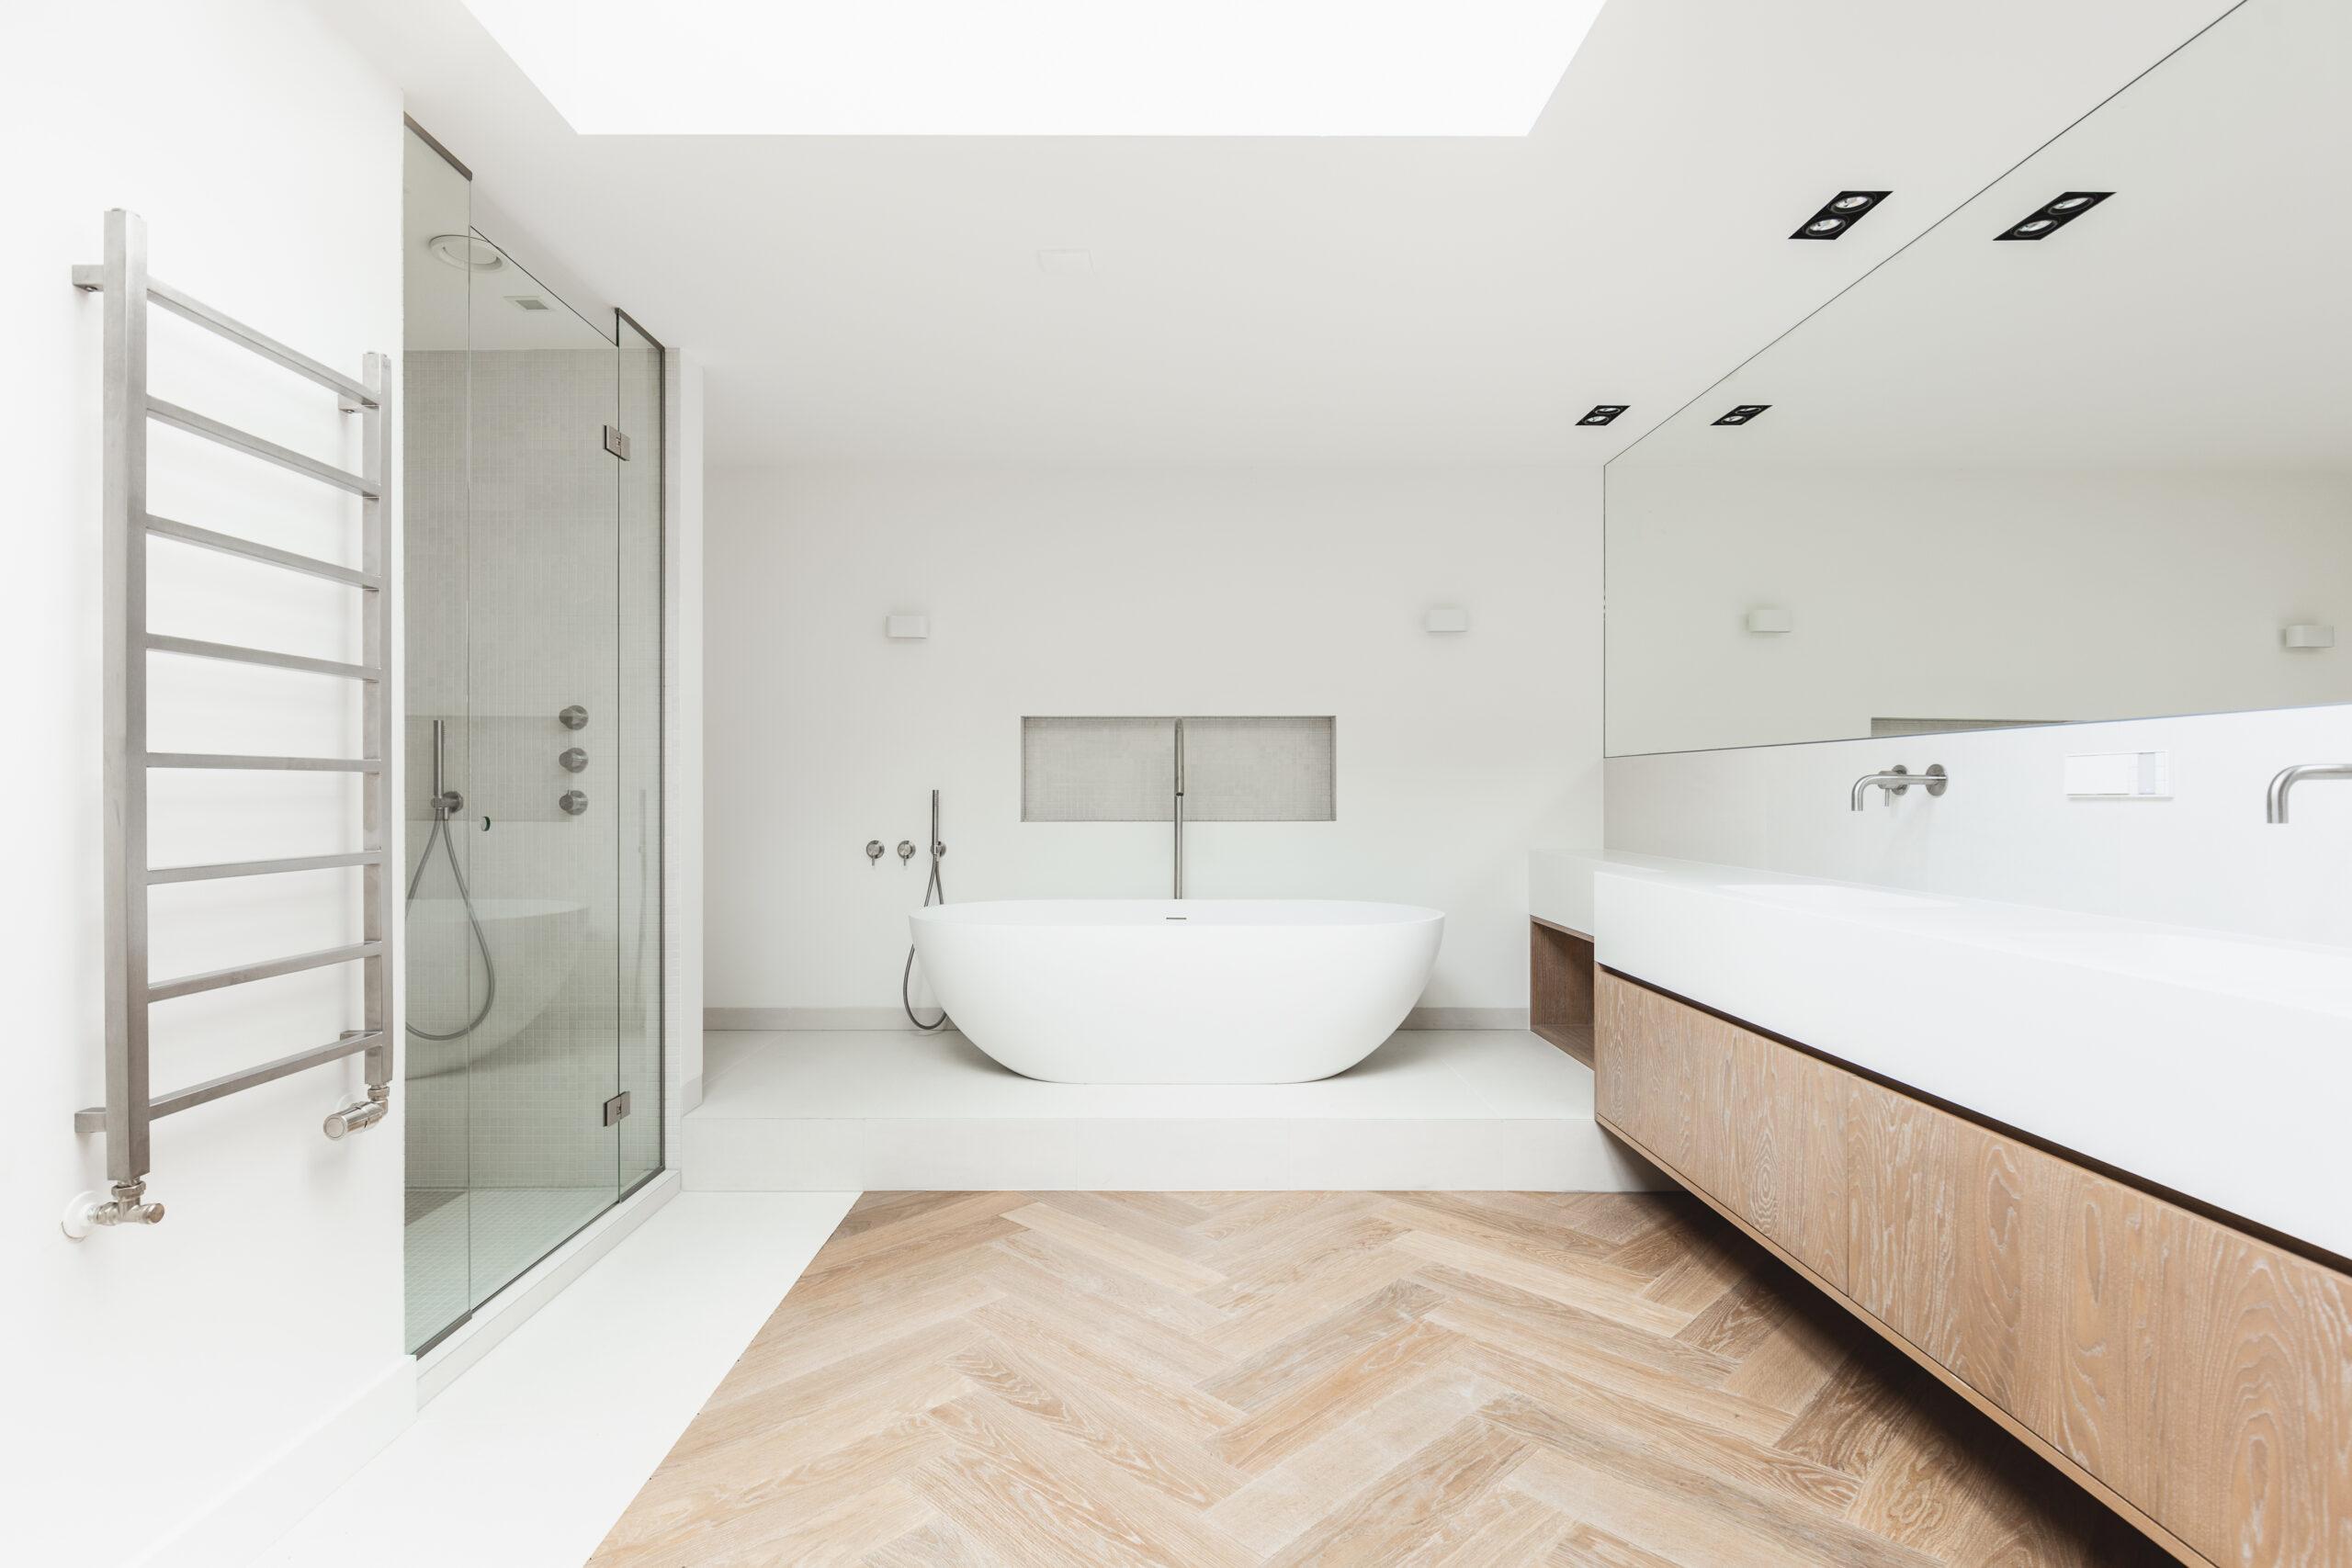 łazienka styl skandynawski